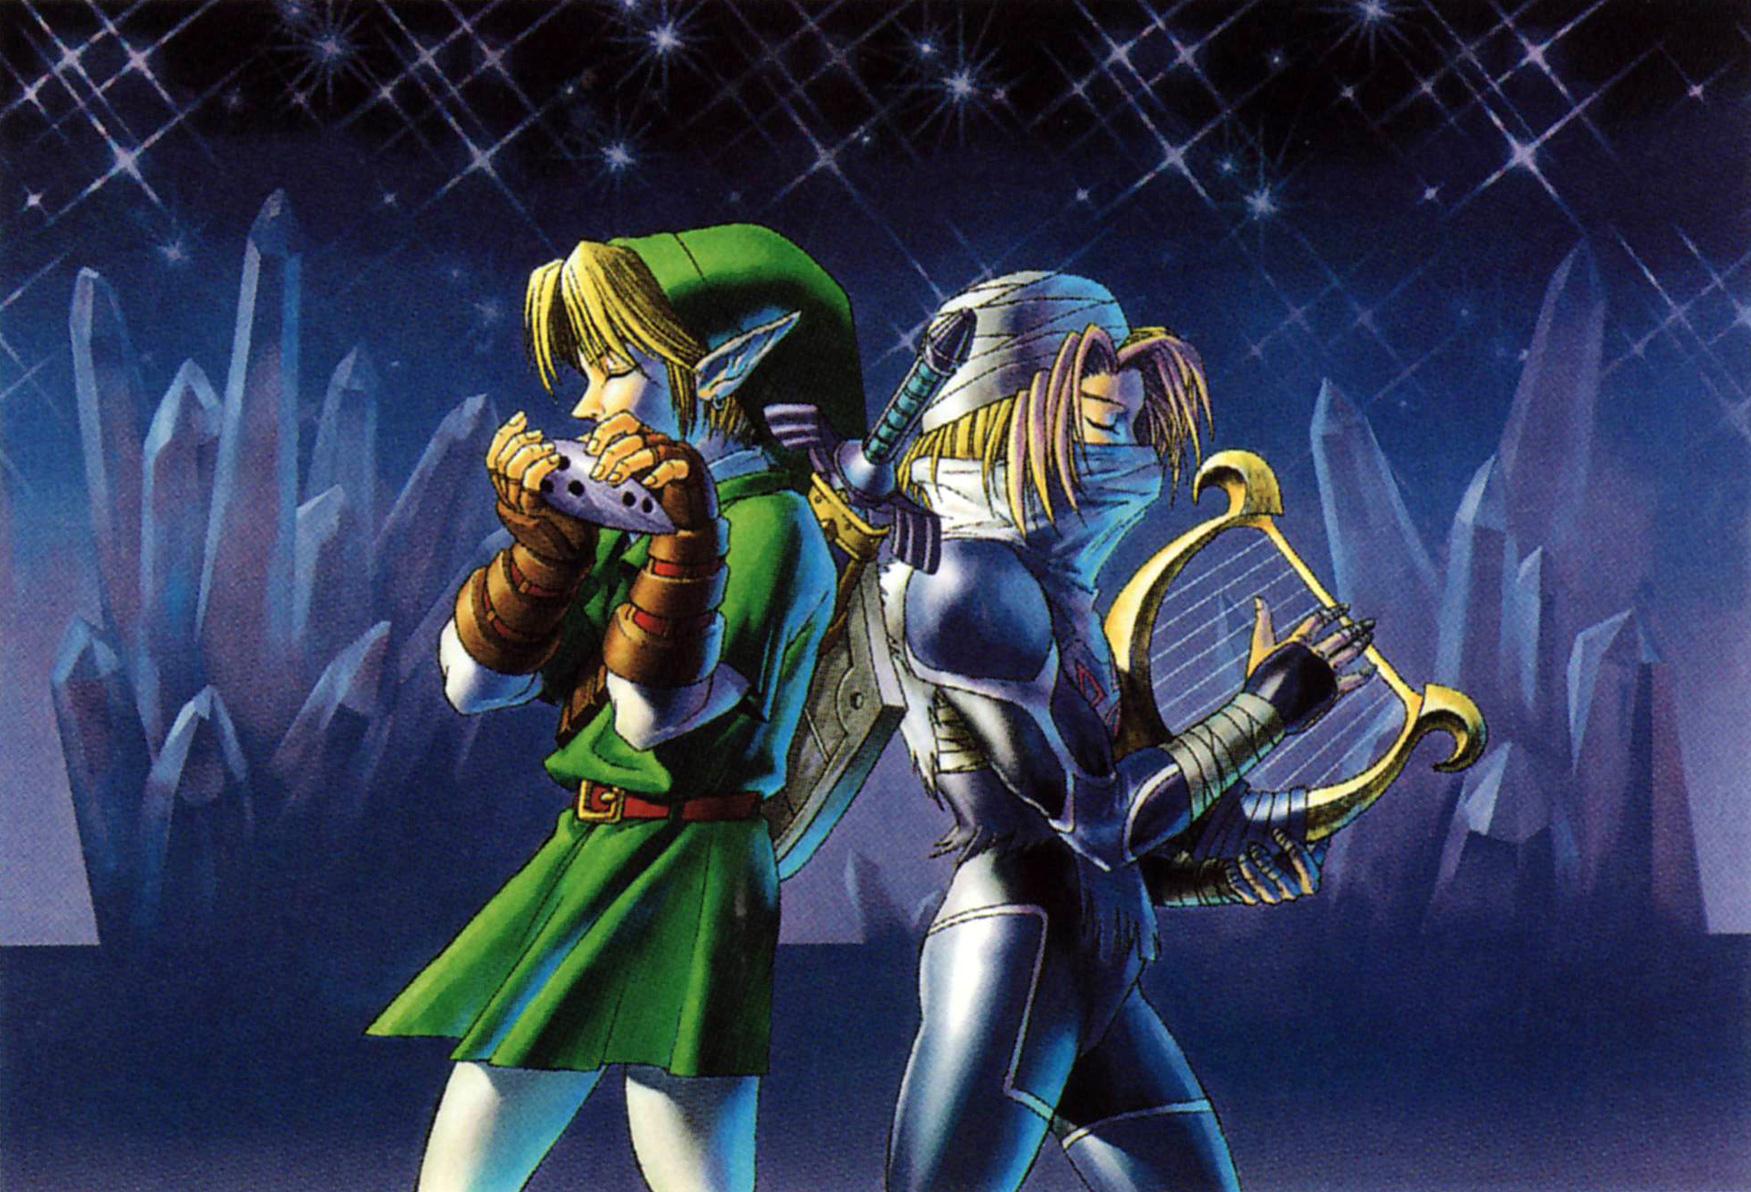 OoT Link & Sheik